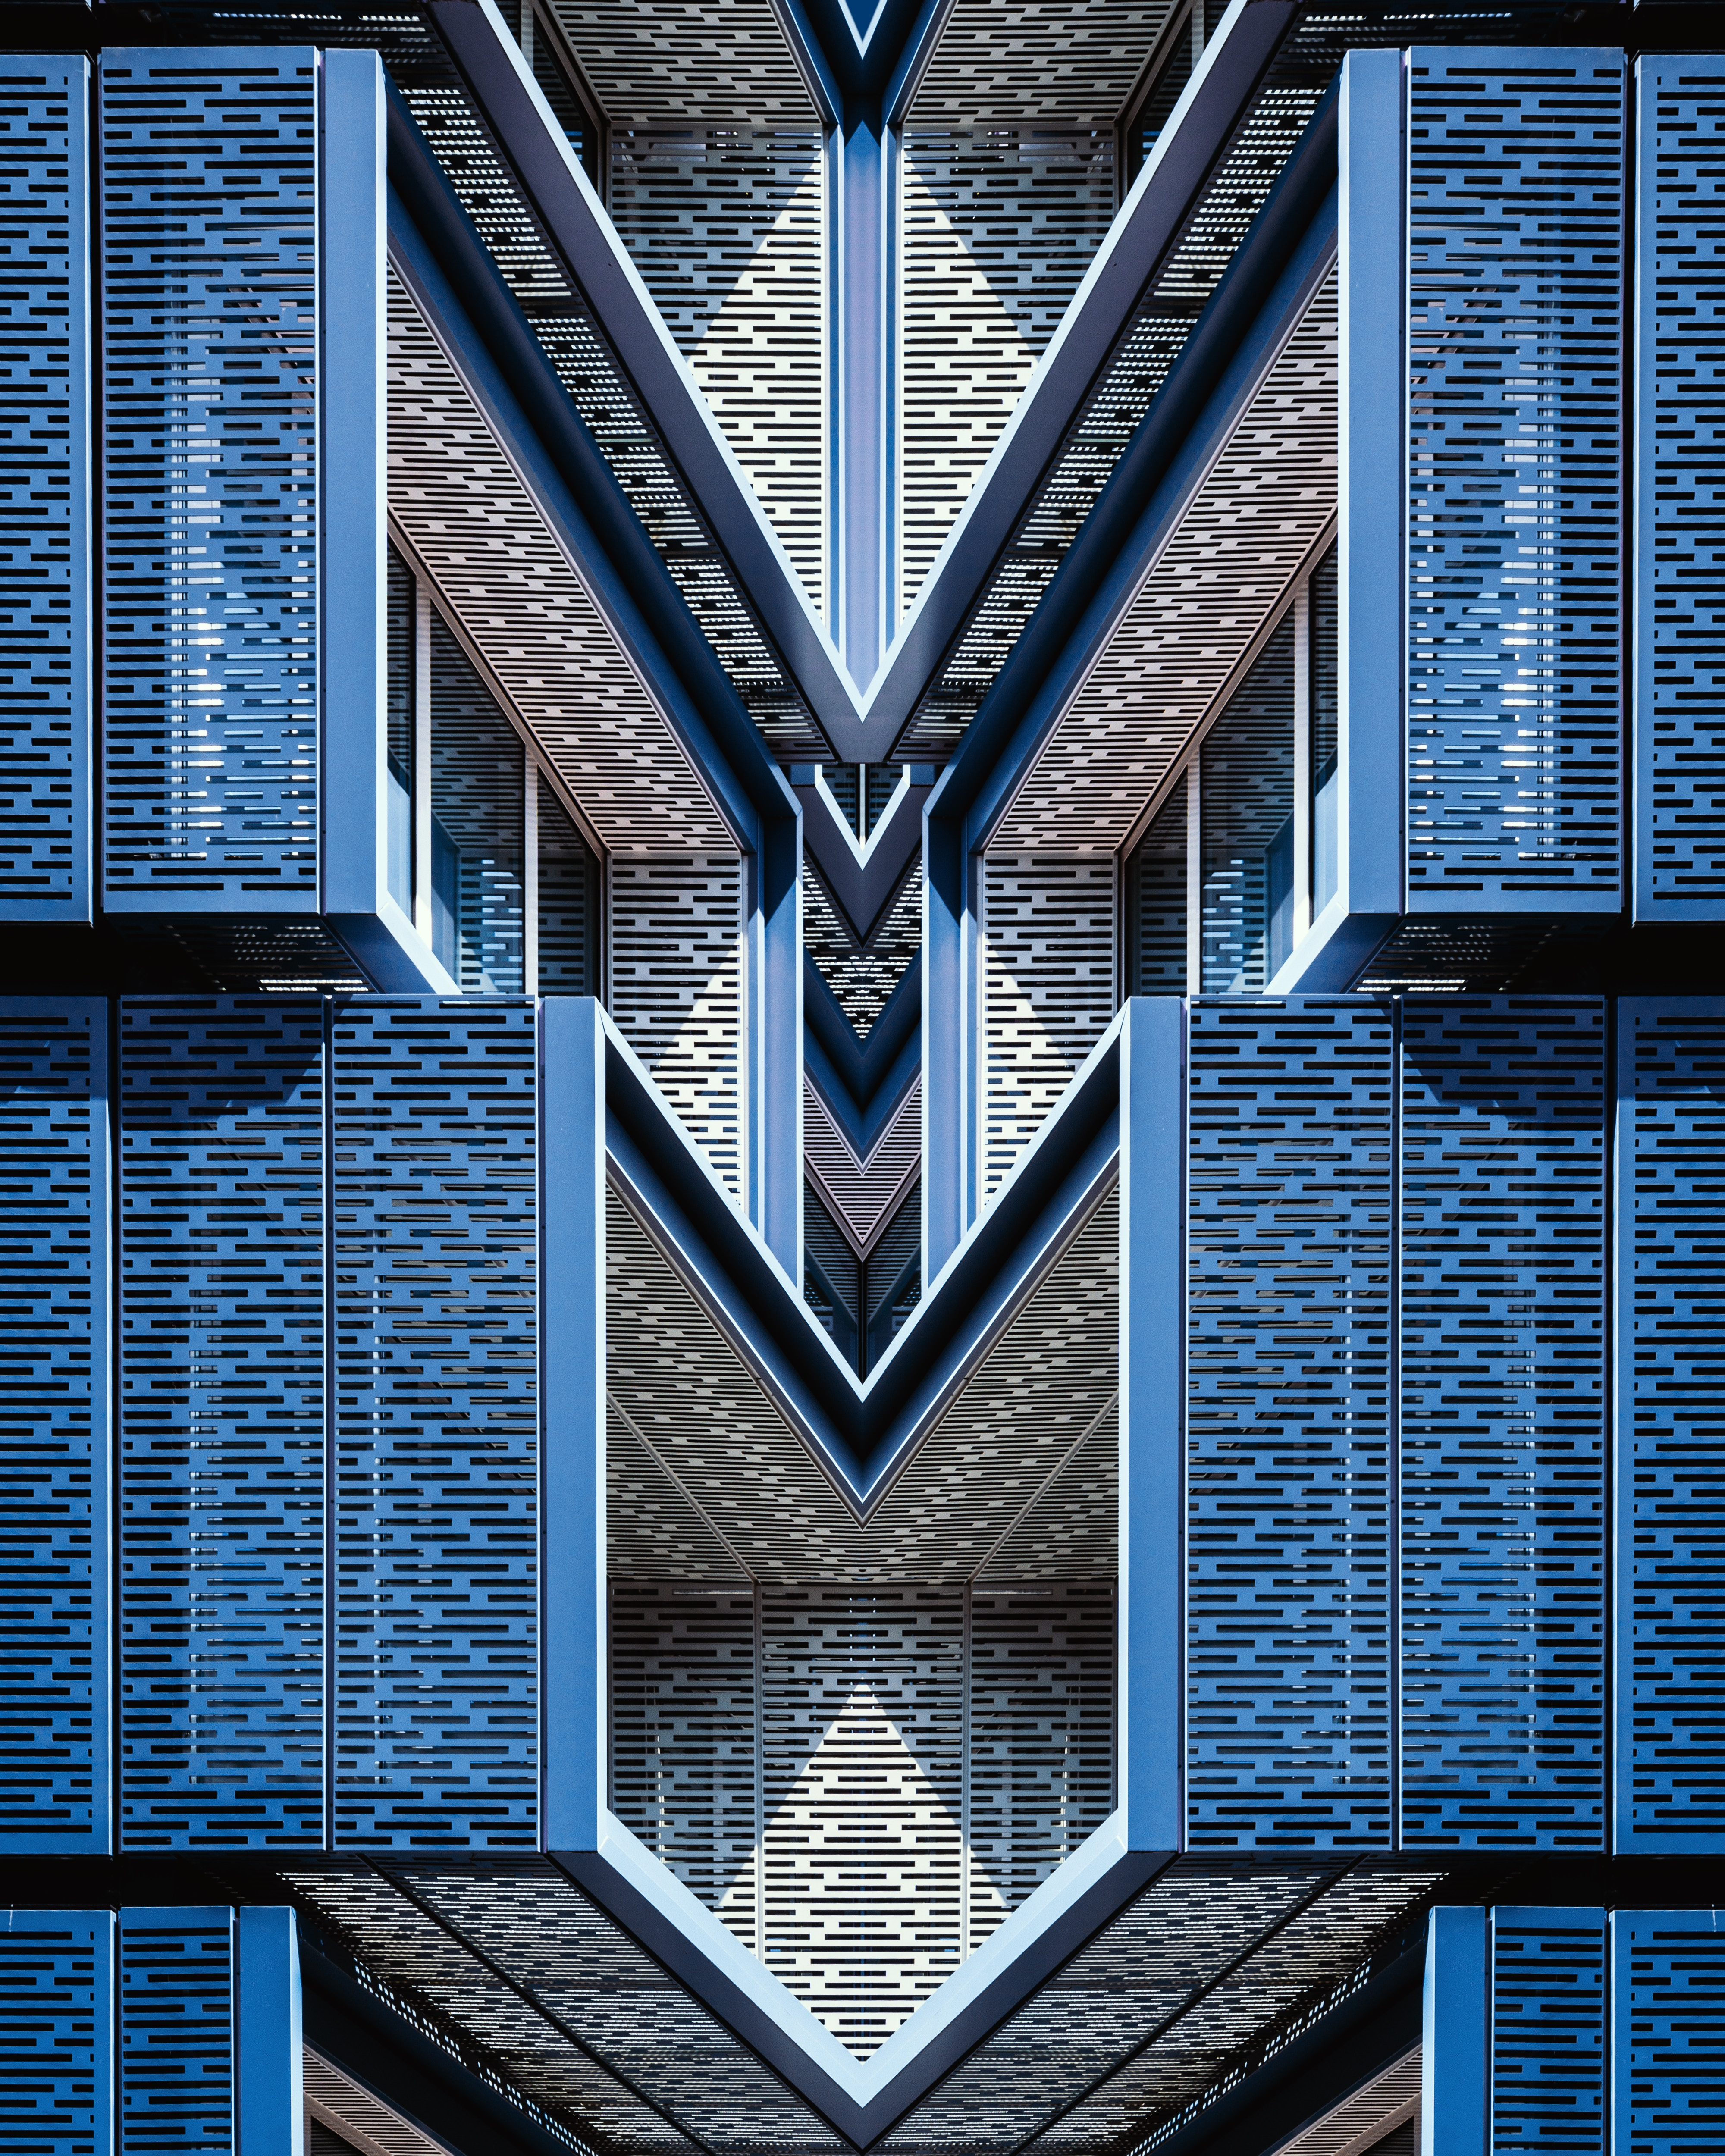 111740 Protetores de tela e papéis de parede Arquitetura em seu telefone. Baixe Arquitetura, Prédio, Edifício, Minimalismo, Forma, Projeto, Projetar, Fachada fotos gratuitamente